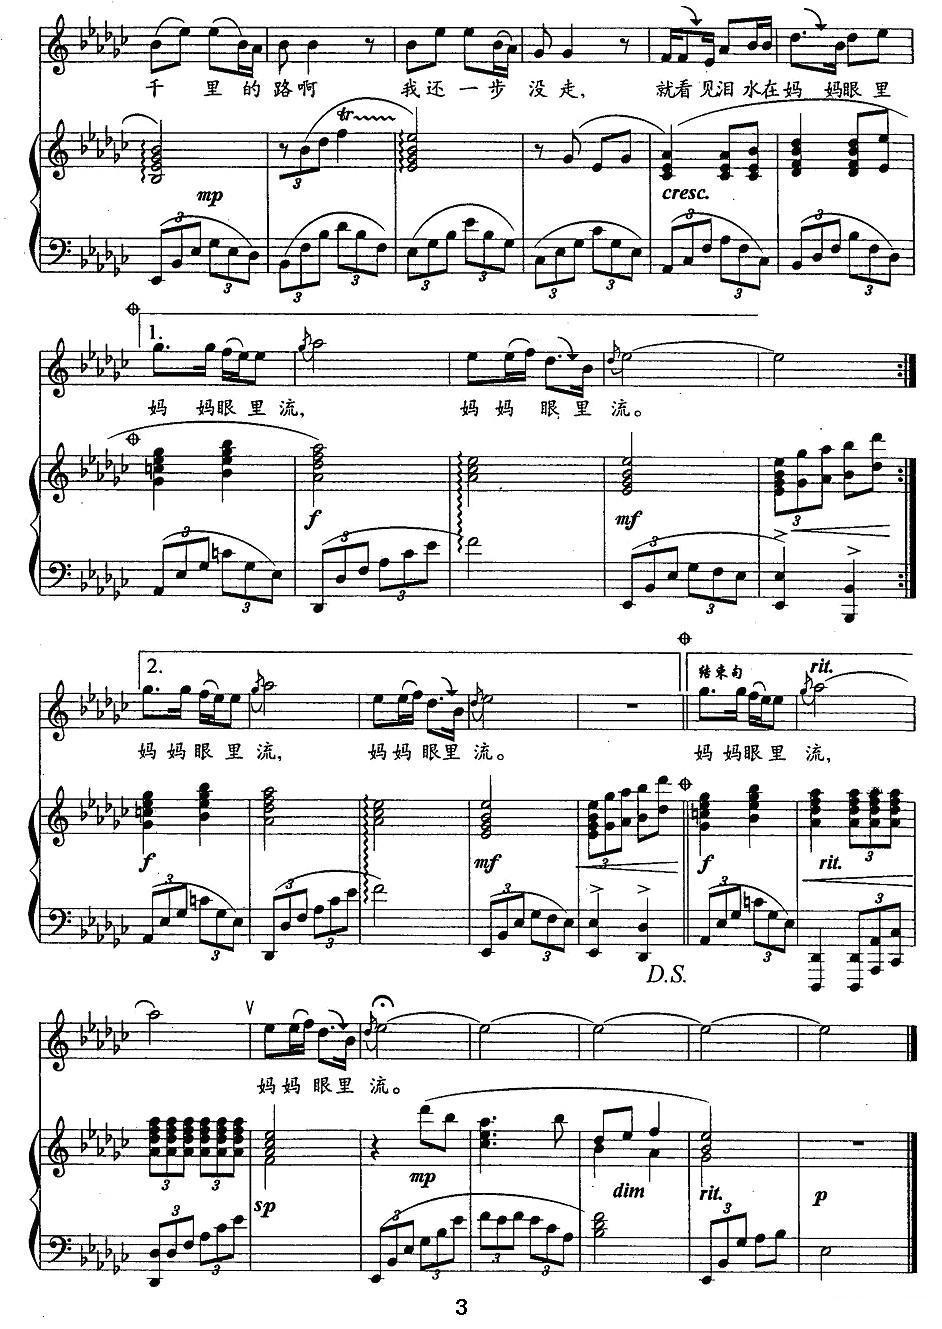 儿行千里_钢琴谱_用户传谱